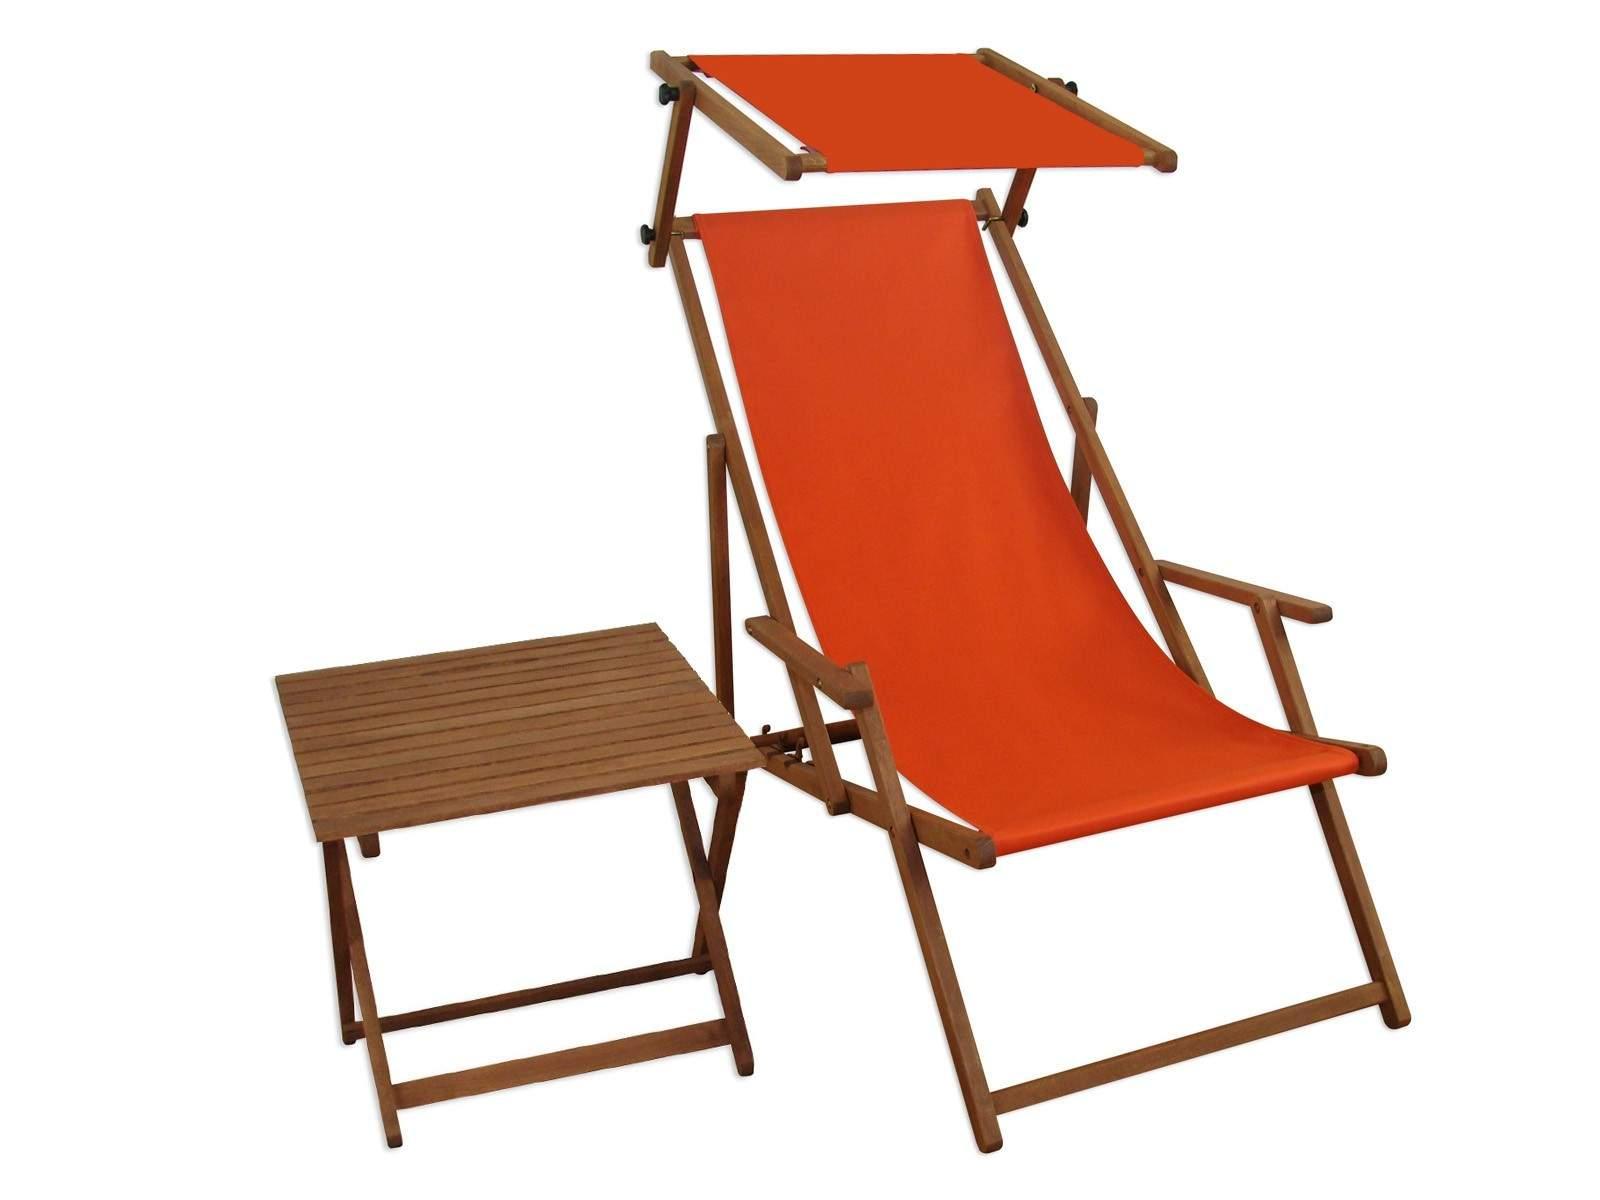 Liegestuhl Garten Elegant Liegestuhl Terracotta Gartenstuhl Tisch sonnendach Deckchair Buche Strandstuhl Klappbar 10 309st